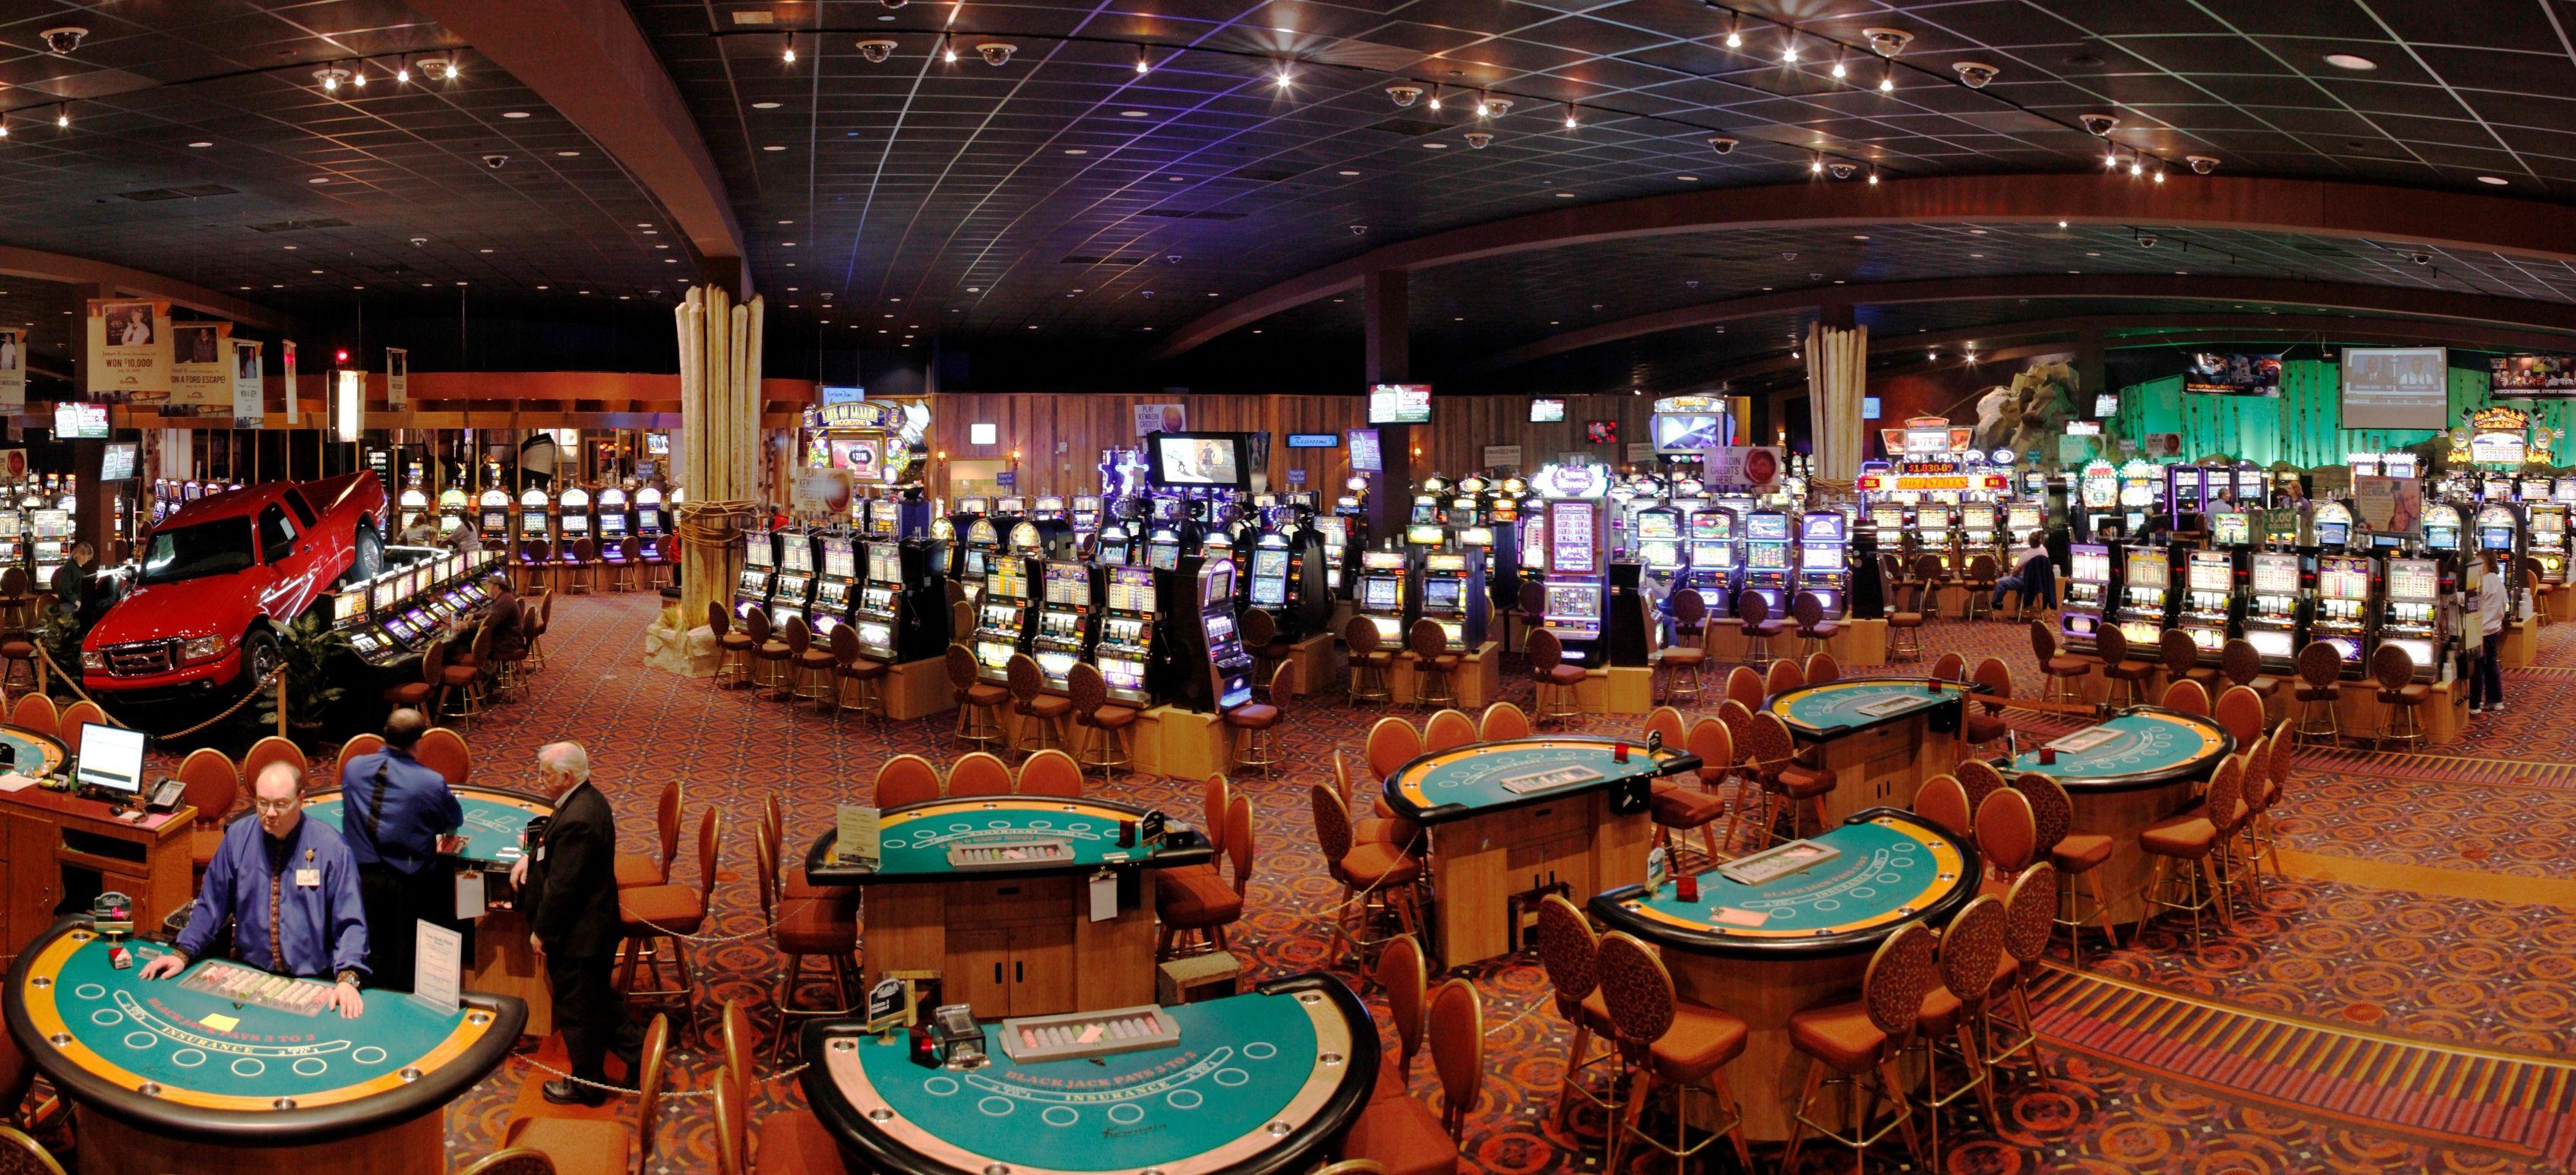 Borgata Casino    Image URL:  Http://a.abcnews.com/images/US/GTY Borgata 01 As 161220_12x5_1600    Casinos   Pinterest